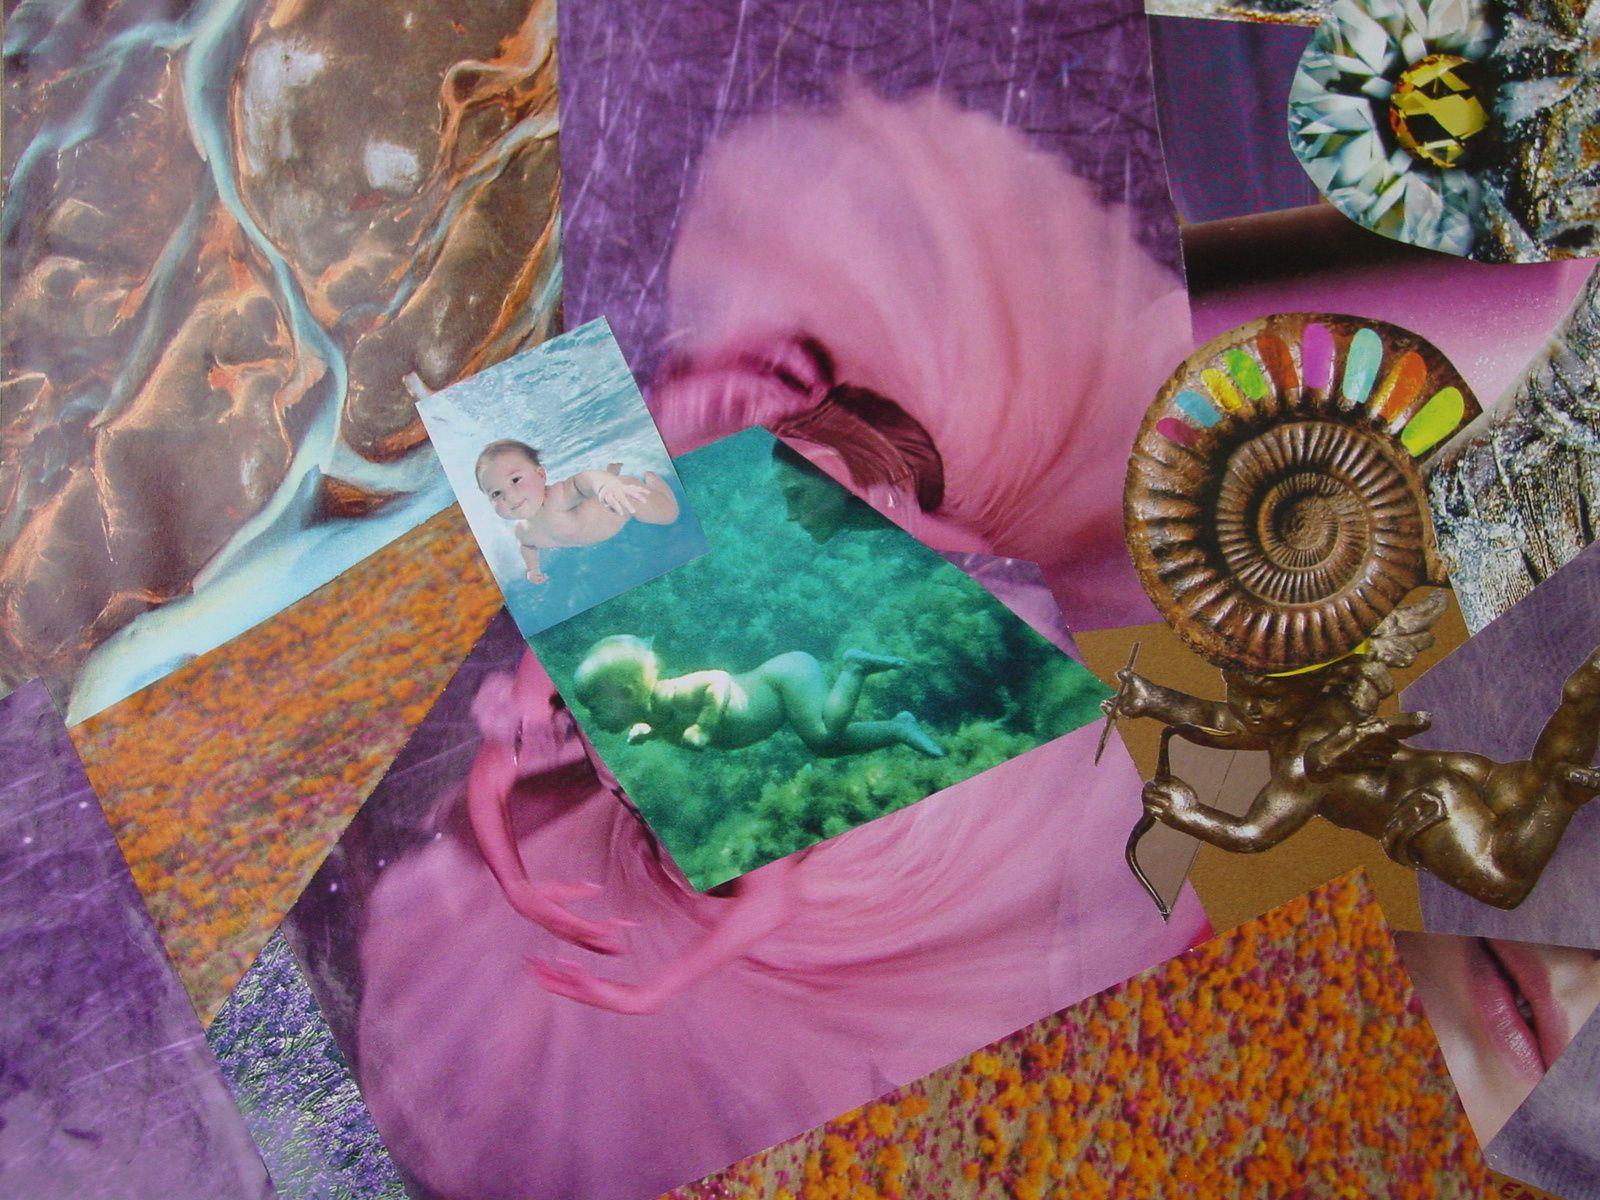 """Les Collages d'eMmA MessanA, collage """"L'empreinte de l'ange"""", pièce unique"""